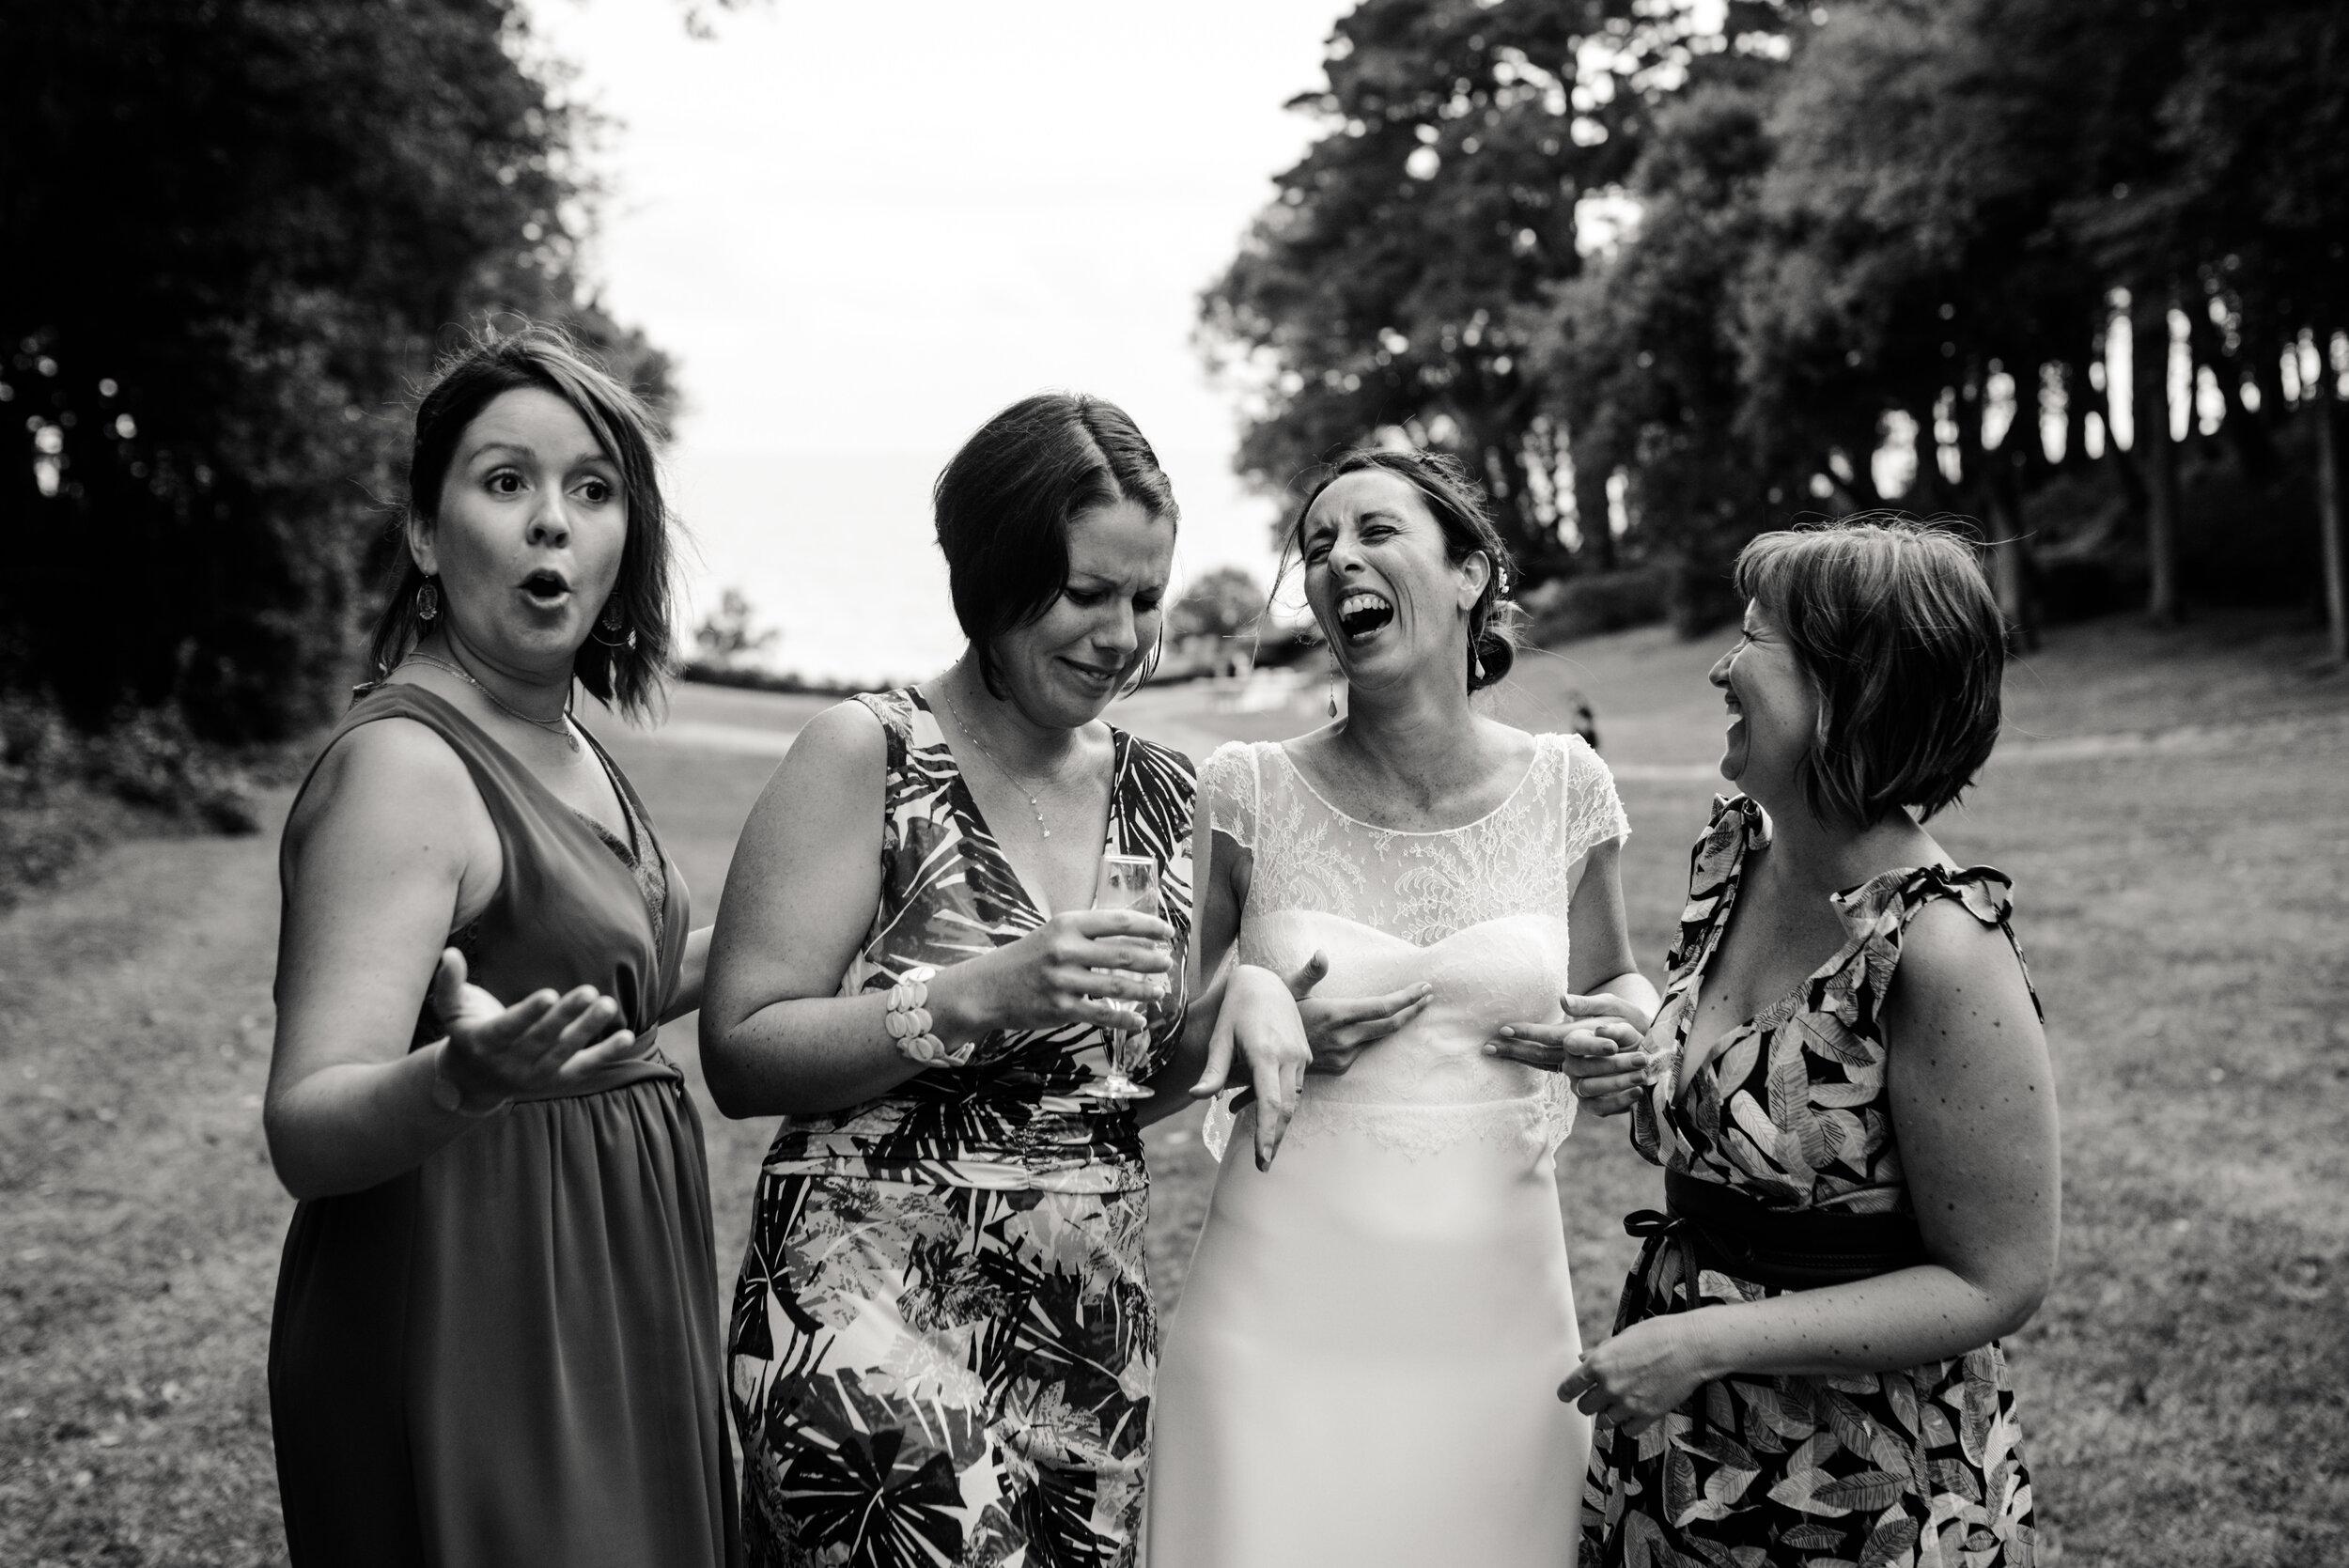 Léa-Fery-photographe-professionnel-Bretagne-portrait-creation-mariage-evenement-evenementiel-famille-7726.jpg